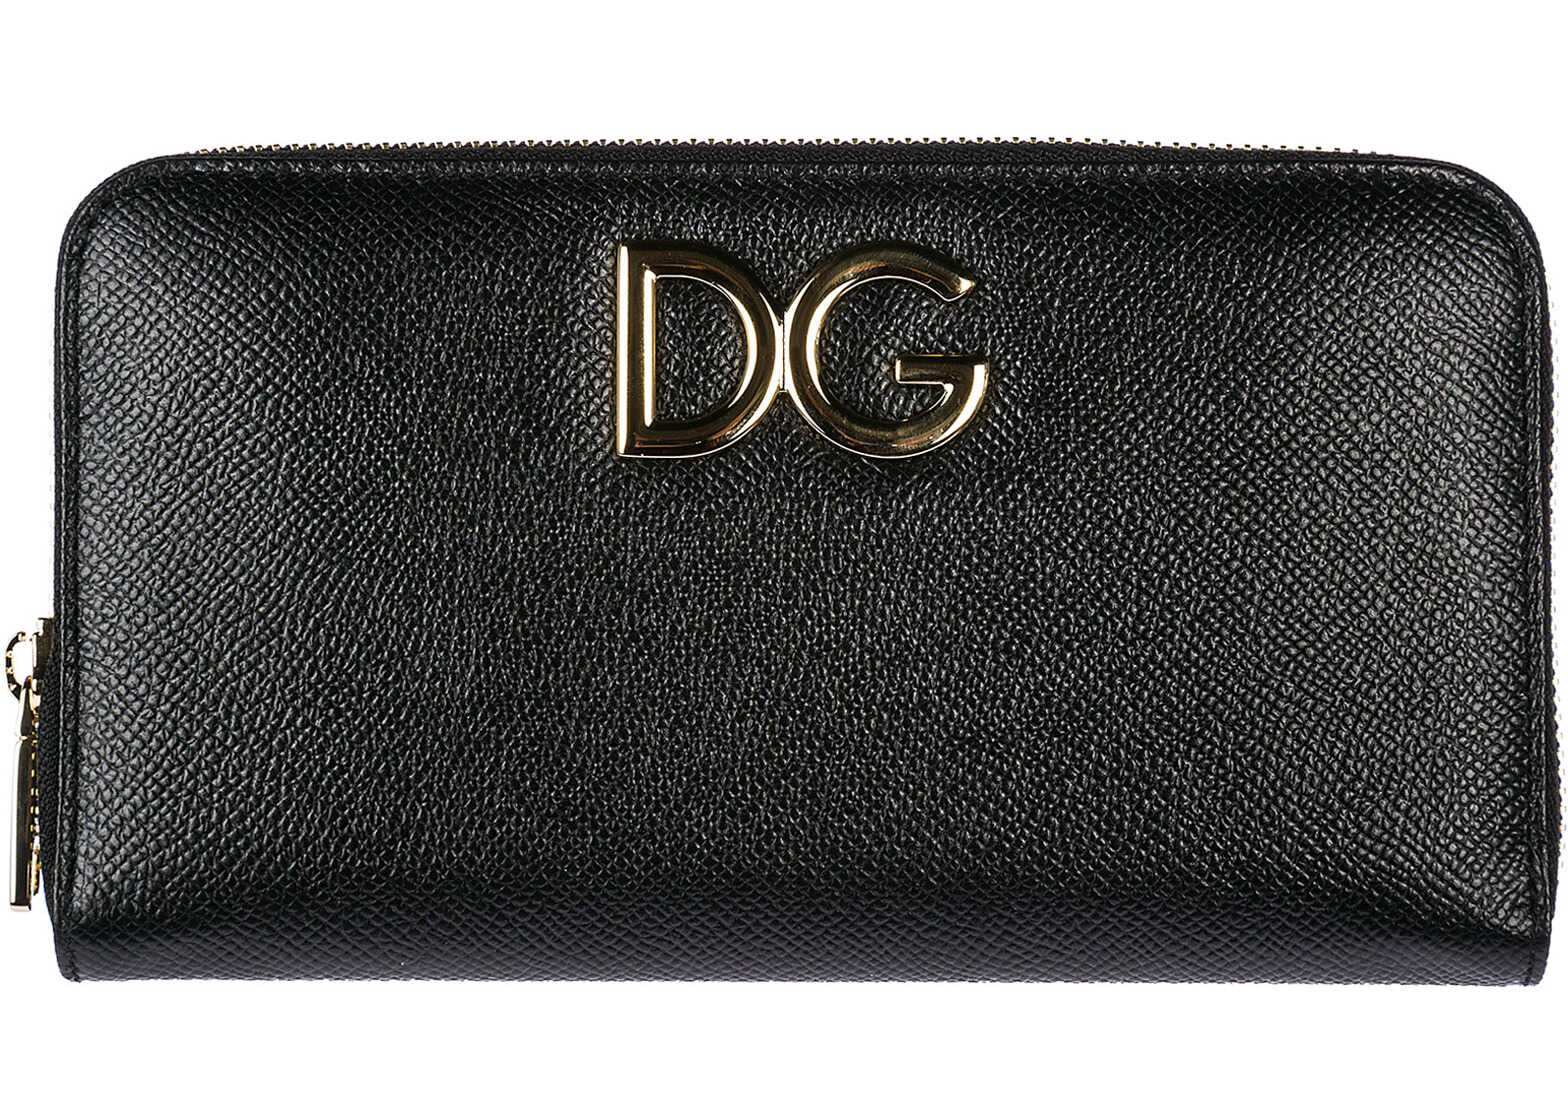 Dolce & Gabbana Card Bifold Black